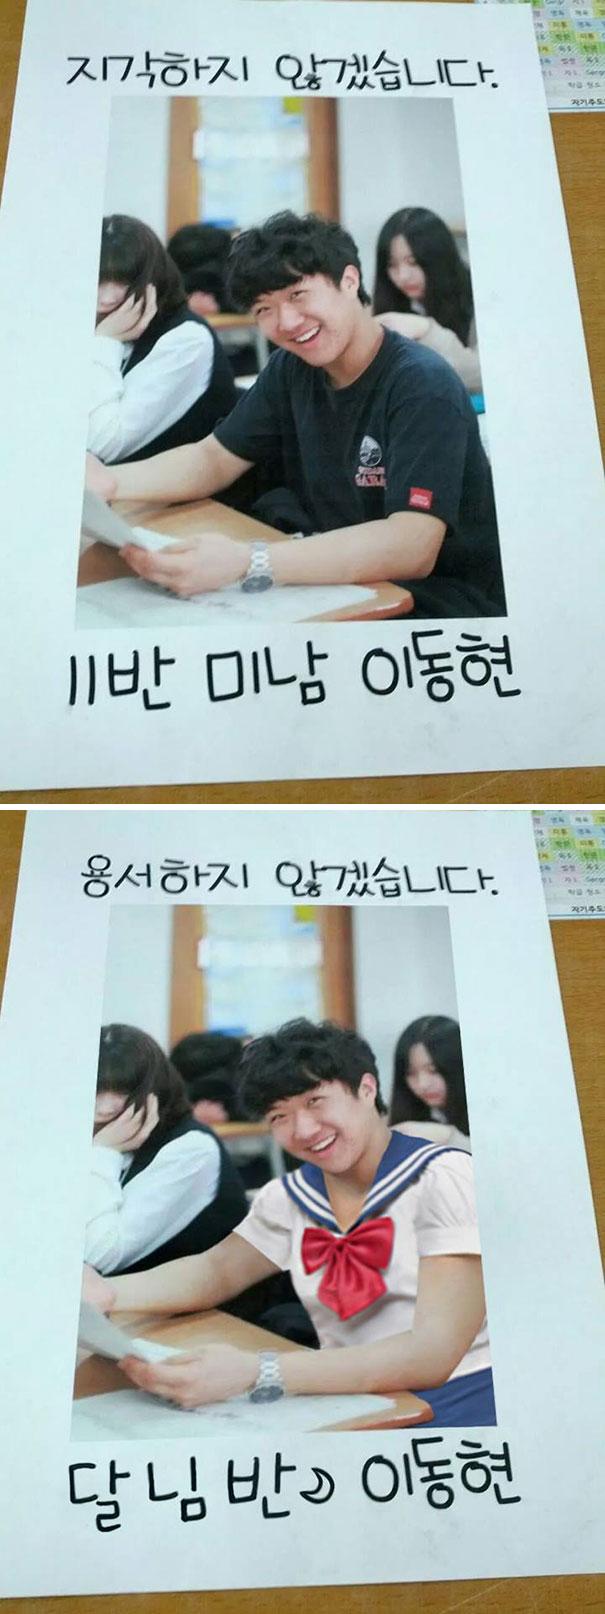 Các thánh photoshop Hàn Quốc ra tay hiệp nghĩa sửa ảnh hộ và cái kết bựa đừng hỏi - Ảnh 5.